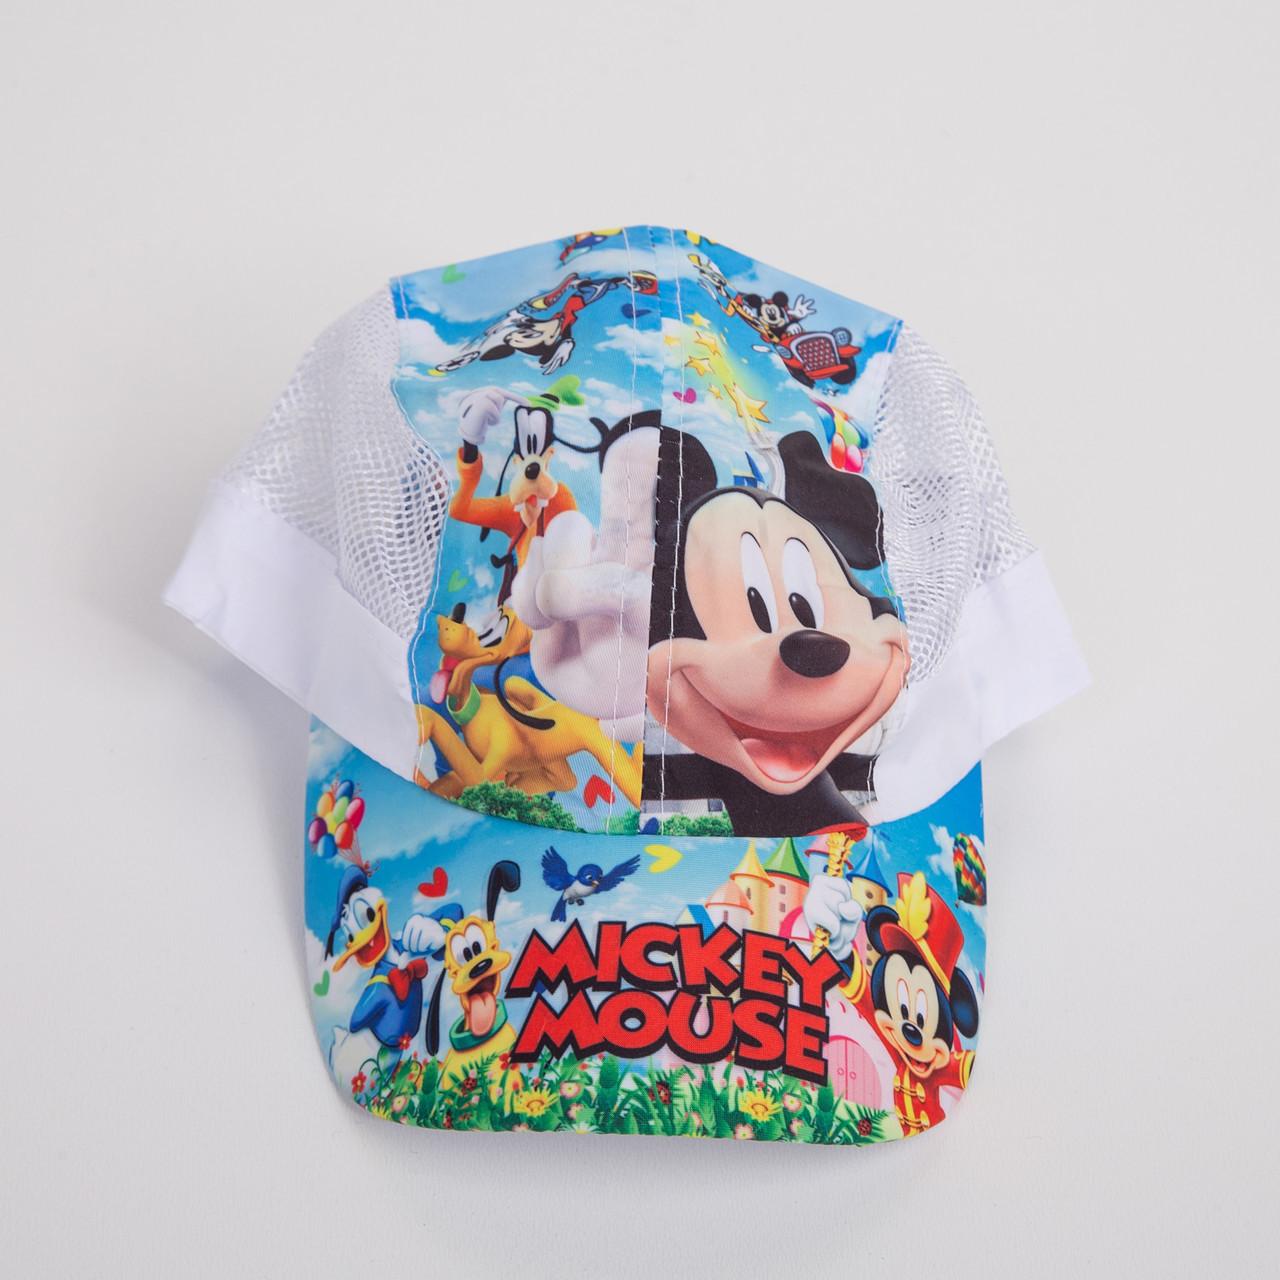 Легкая кепка для мальчика на лето - Сетка-микки (к20)